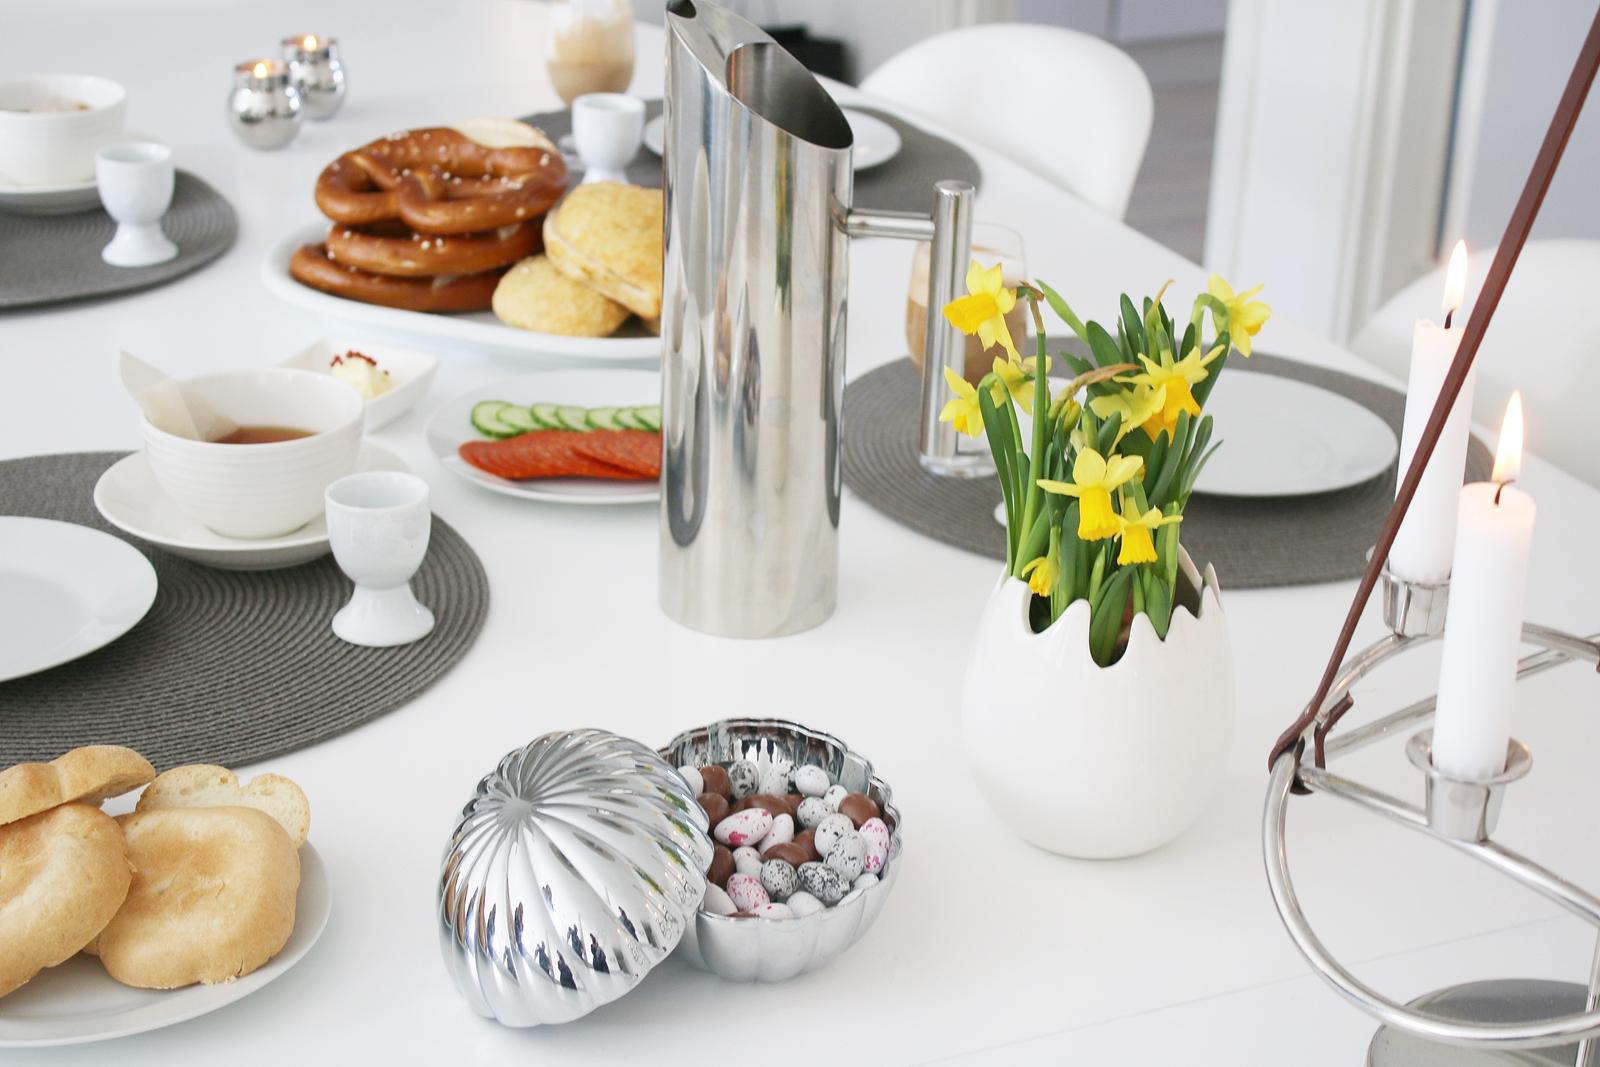 Påskaftons morgon startar med en lång och lat frukost